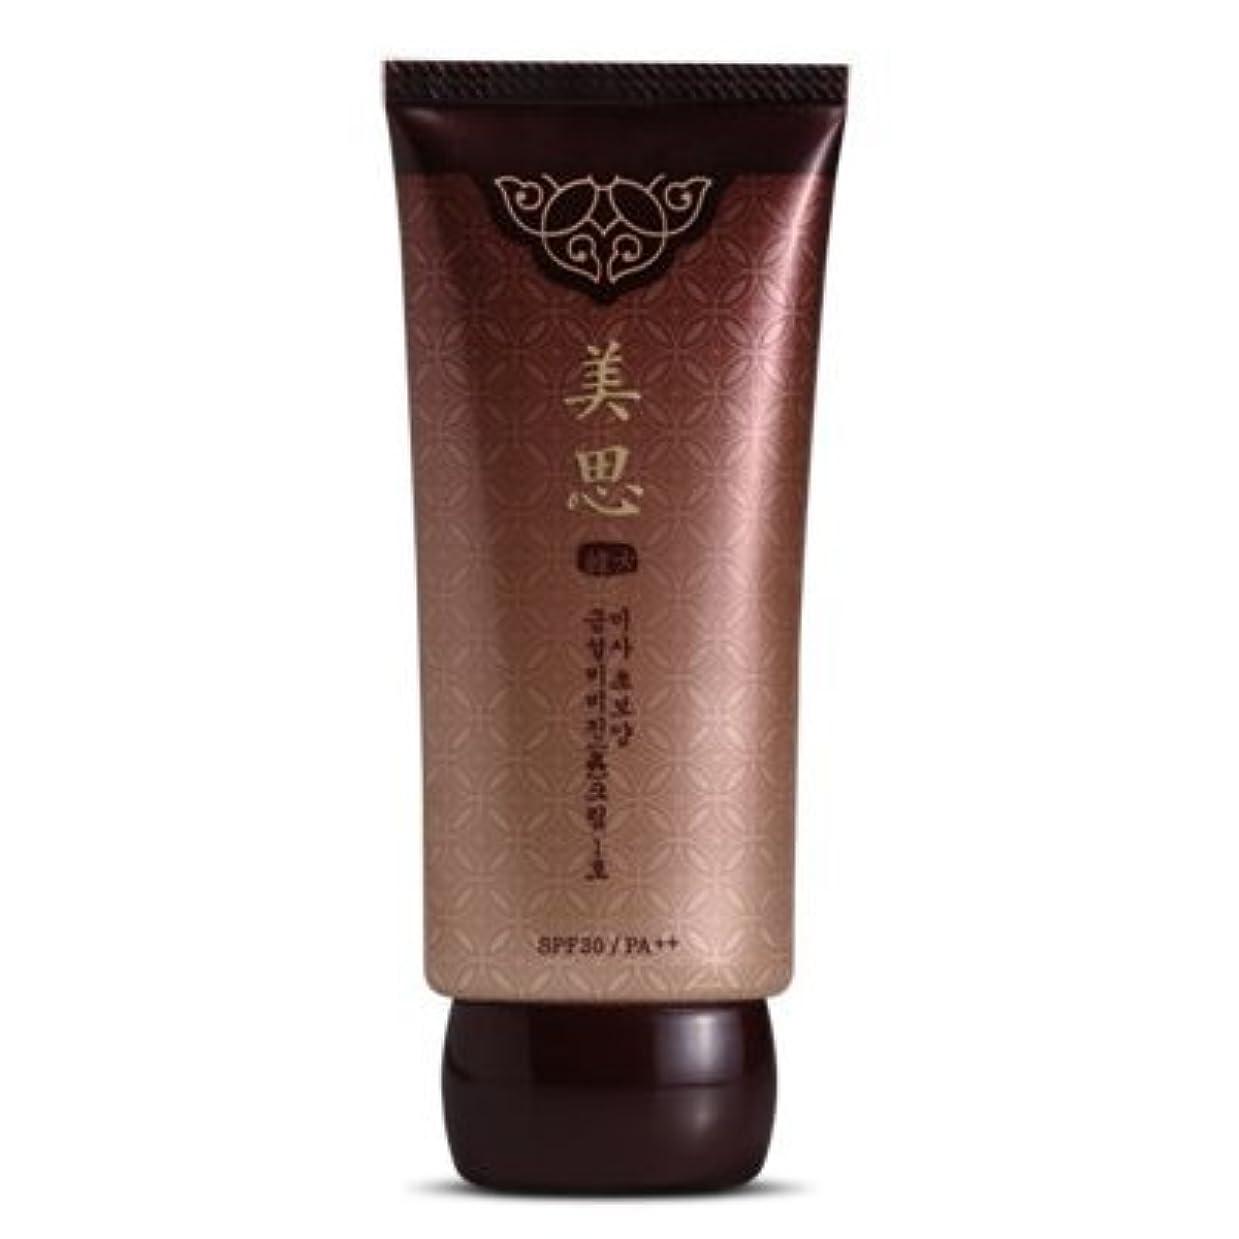 チャーター補助金ソロ【MISSHA (ミシャ)】 Cho Bo Yang BB Cream チョボヤン BBクリーム No.2 (ナチュラル ベージュ)